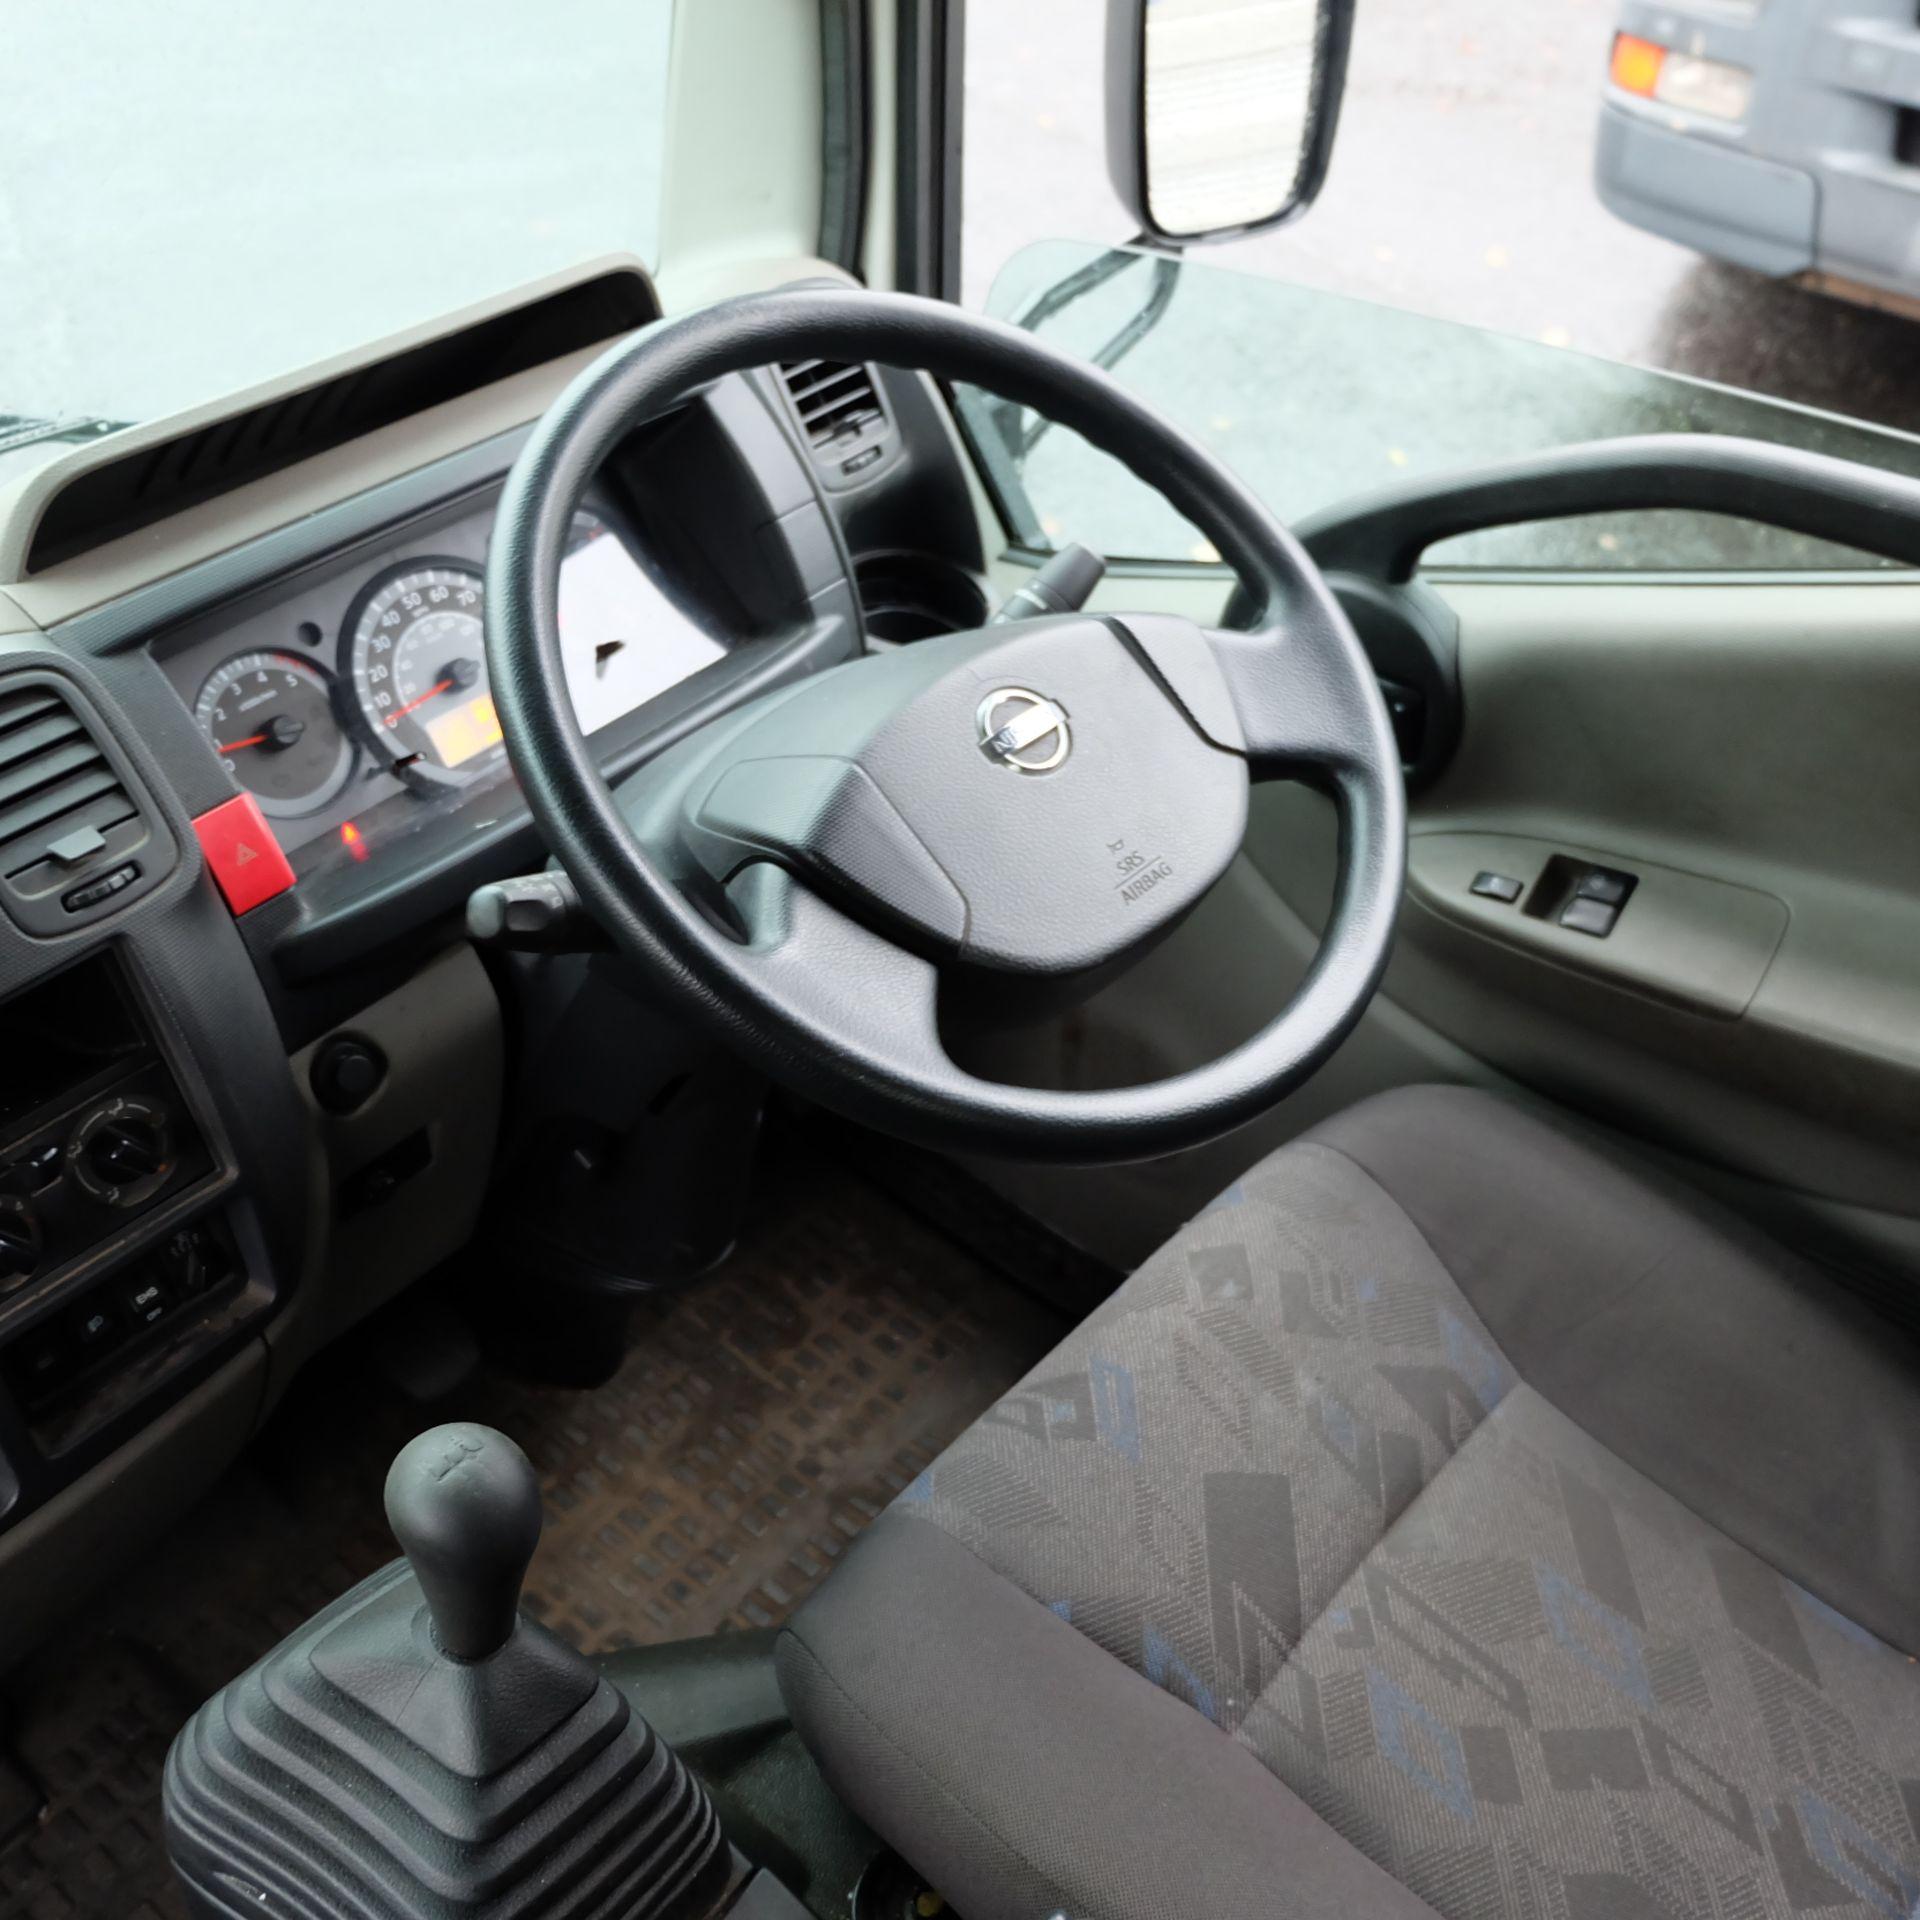 NISSAN CABSTAR 35.14 Rigid Bodied Curtain Truck. 3500KG Gross Weight. Sat Nav, Reversing Camera. - Image 11 of 14